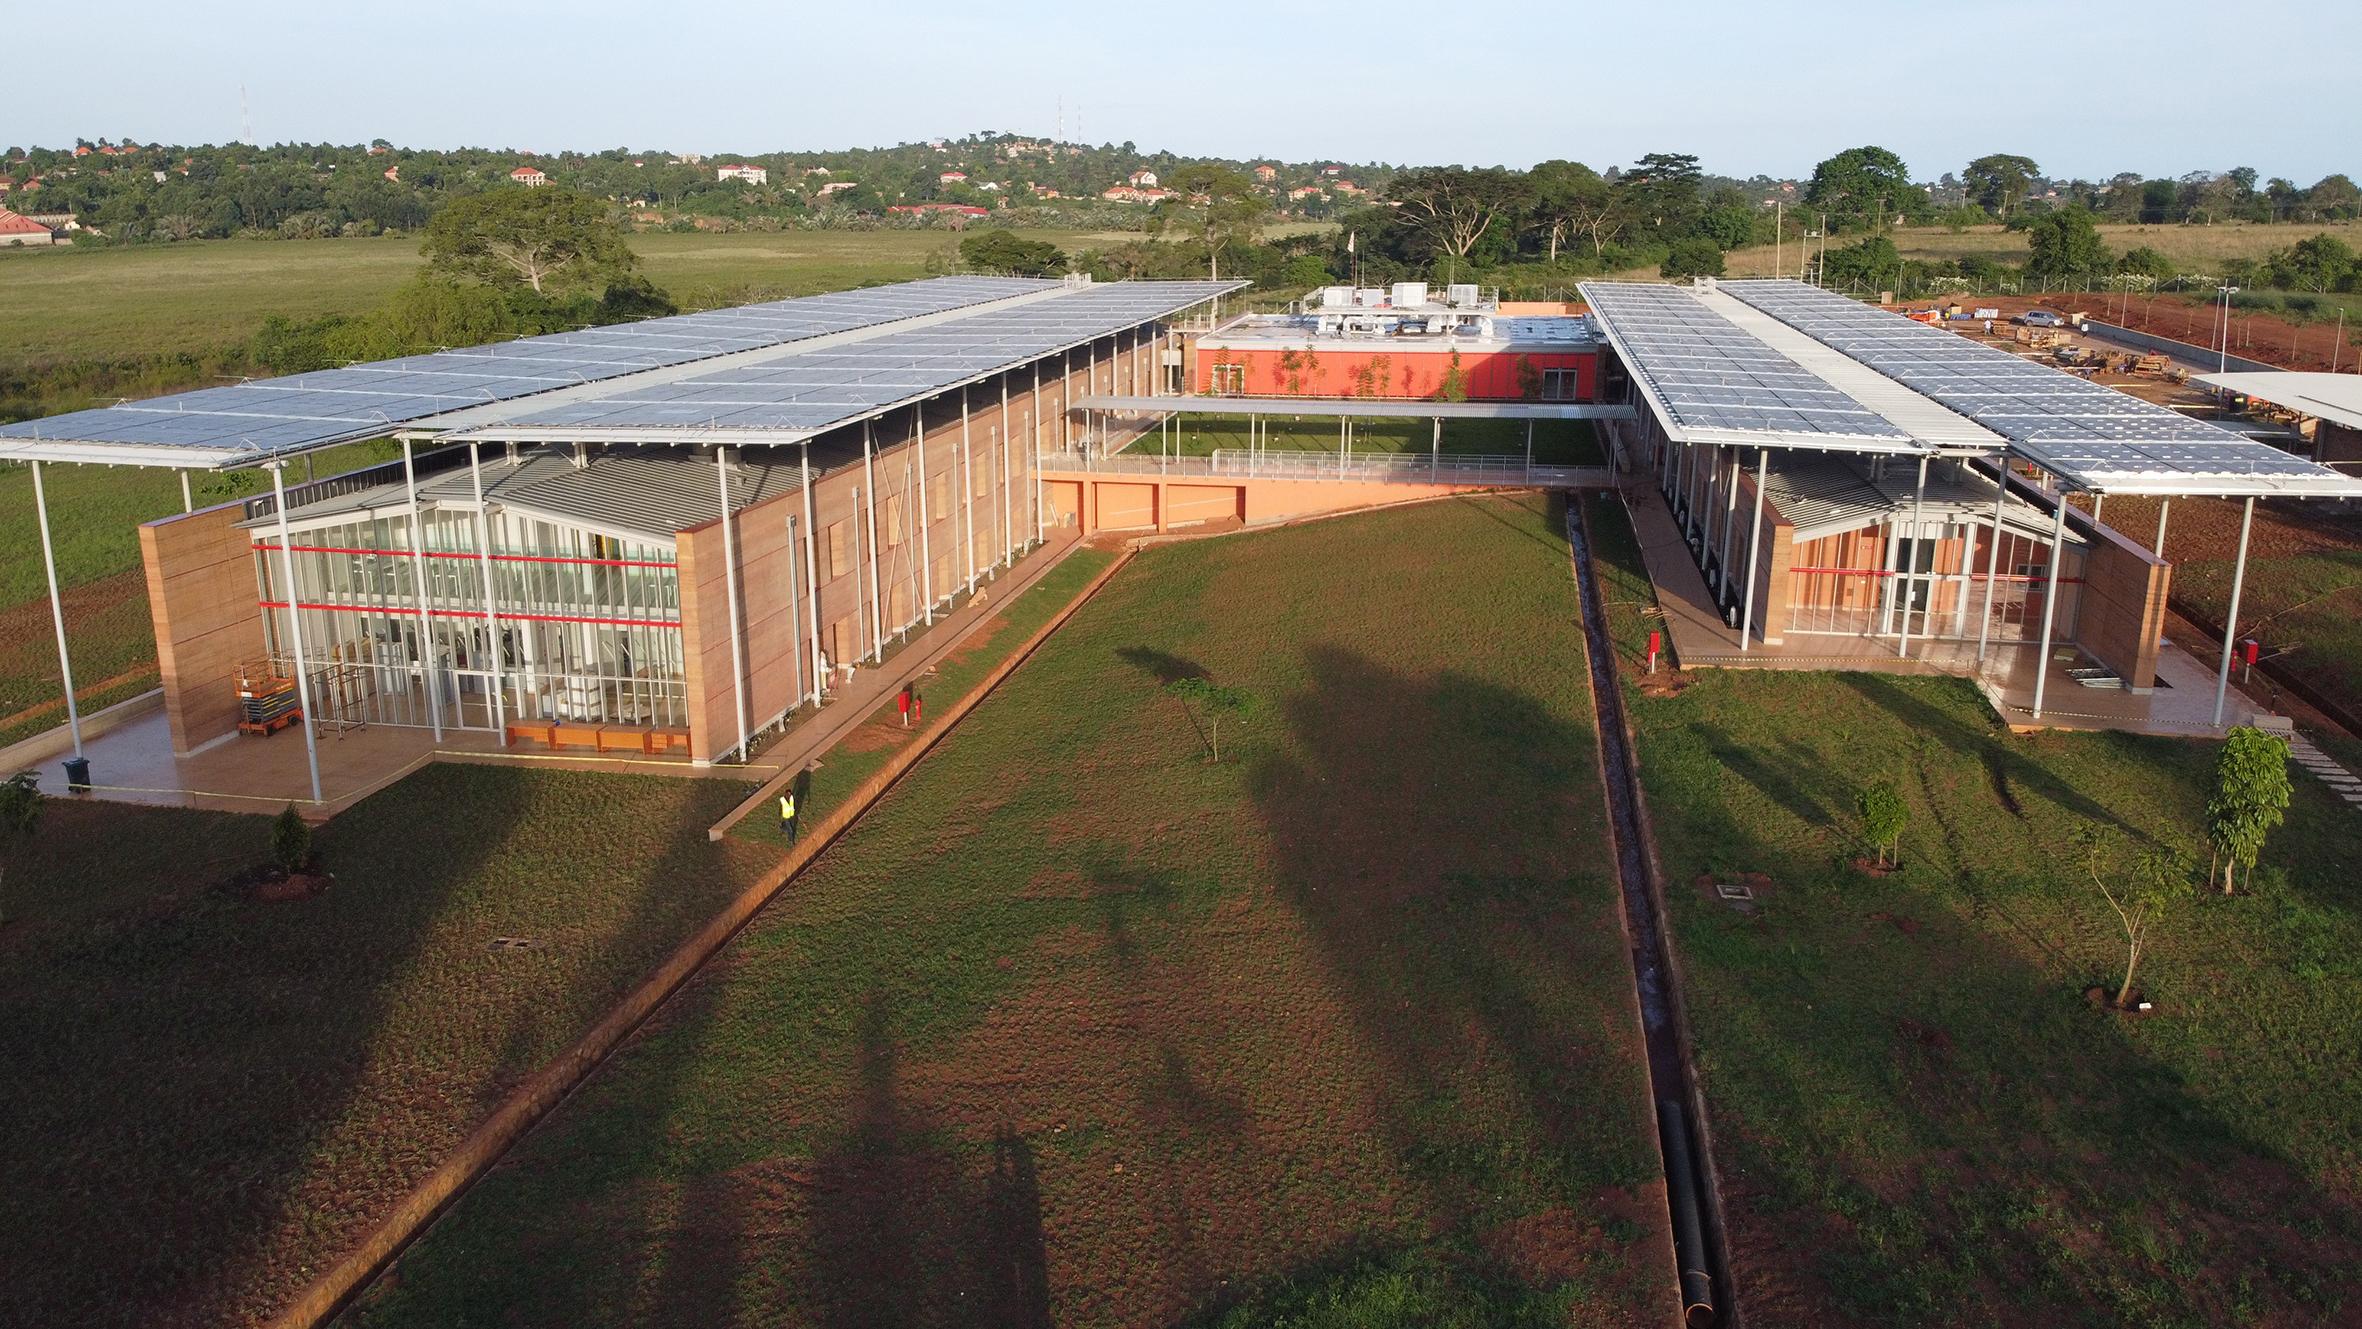 Ospedale di emergency in uganda